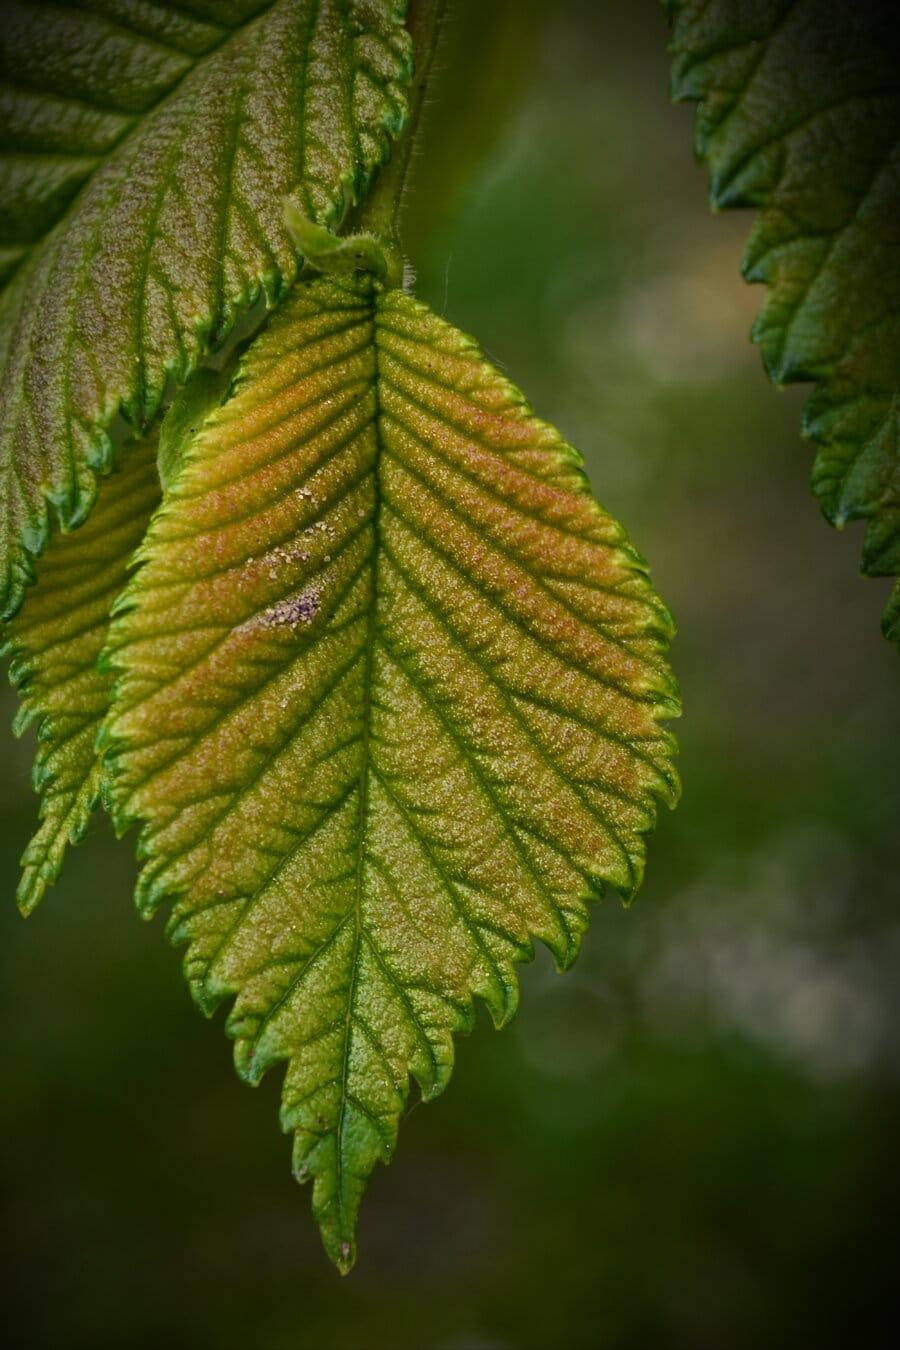 Elm, crenguţă, ramură, frunze verzi, plante, natura, copac, frunze, frunze, flora